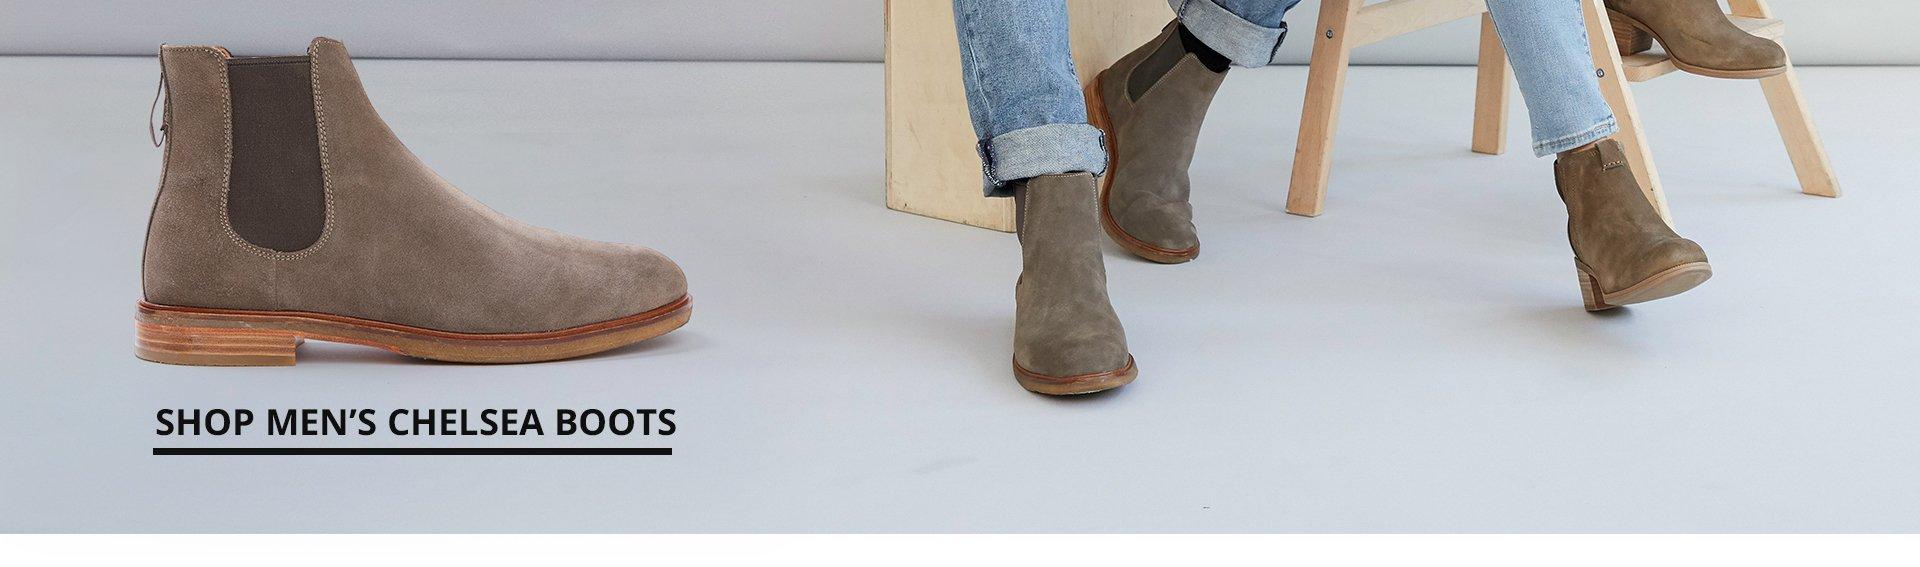 Shop Men's Chelsea Boots